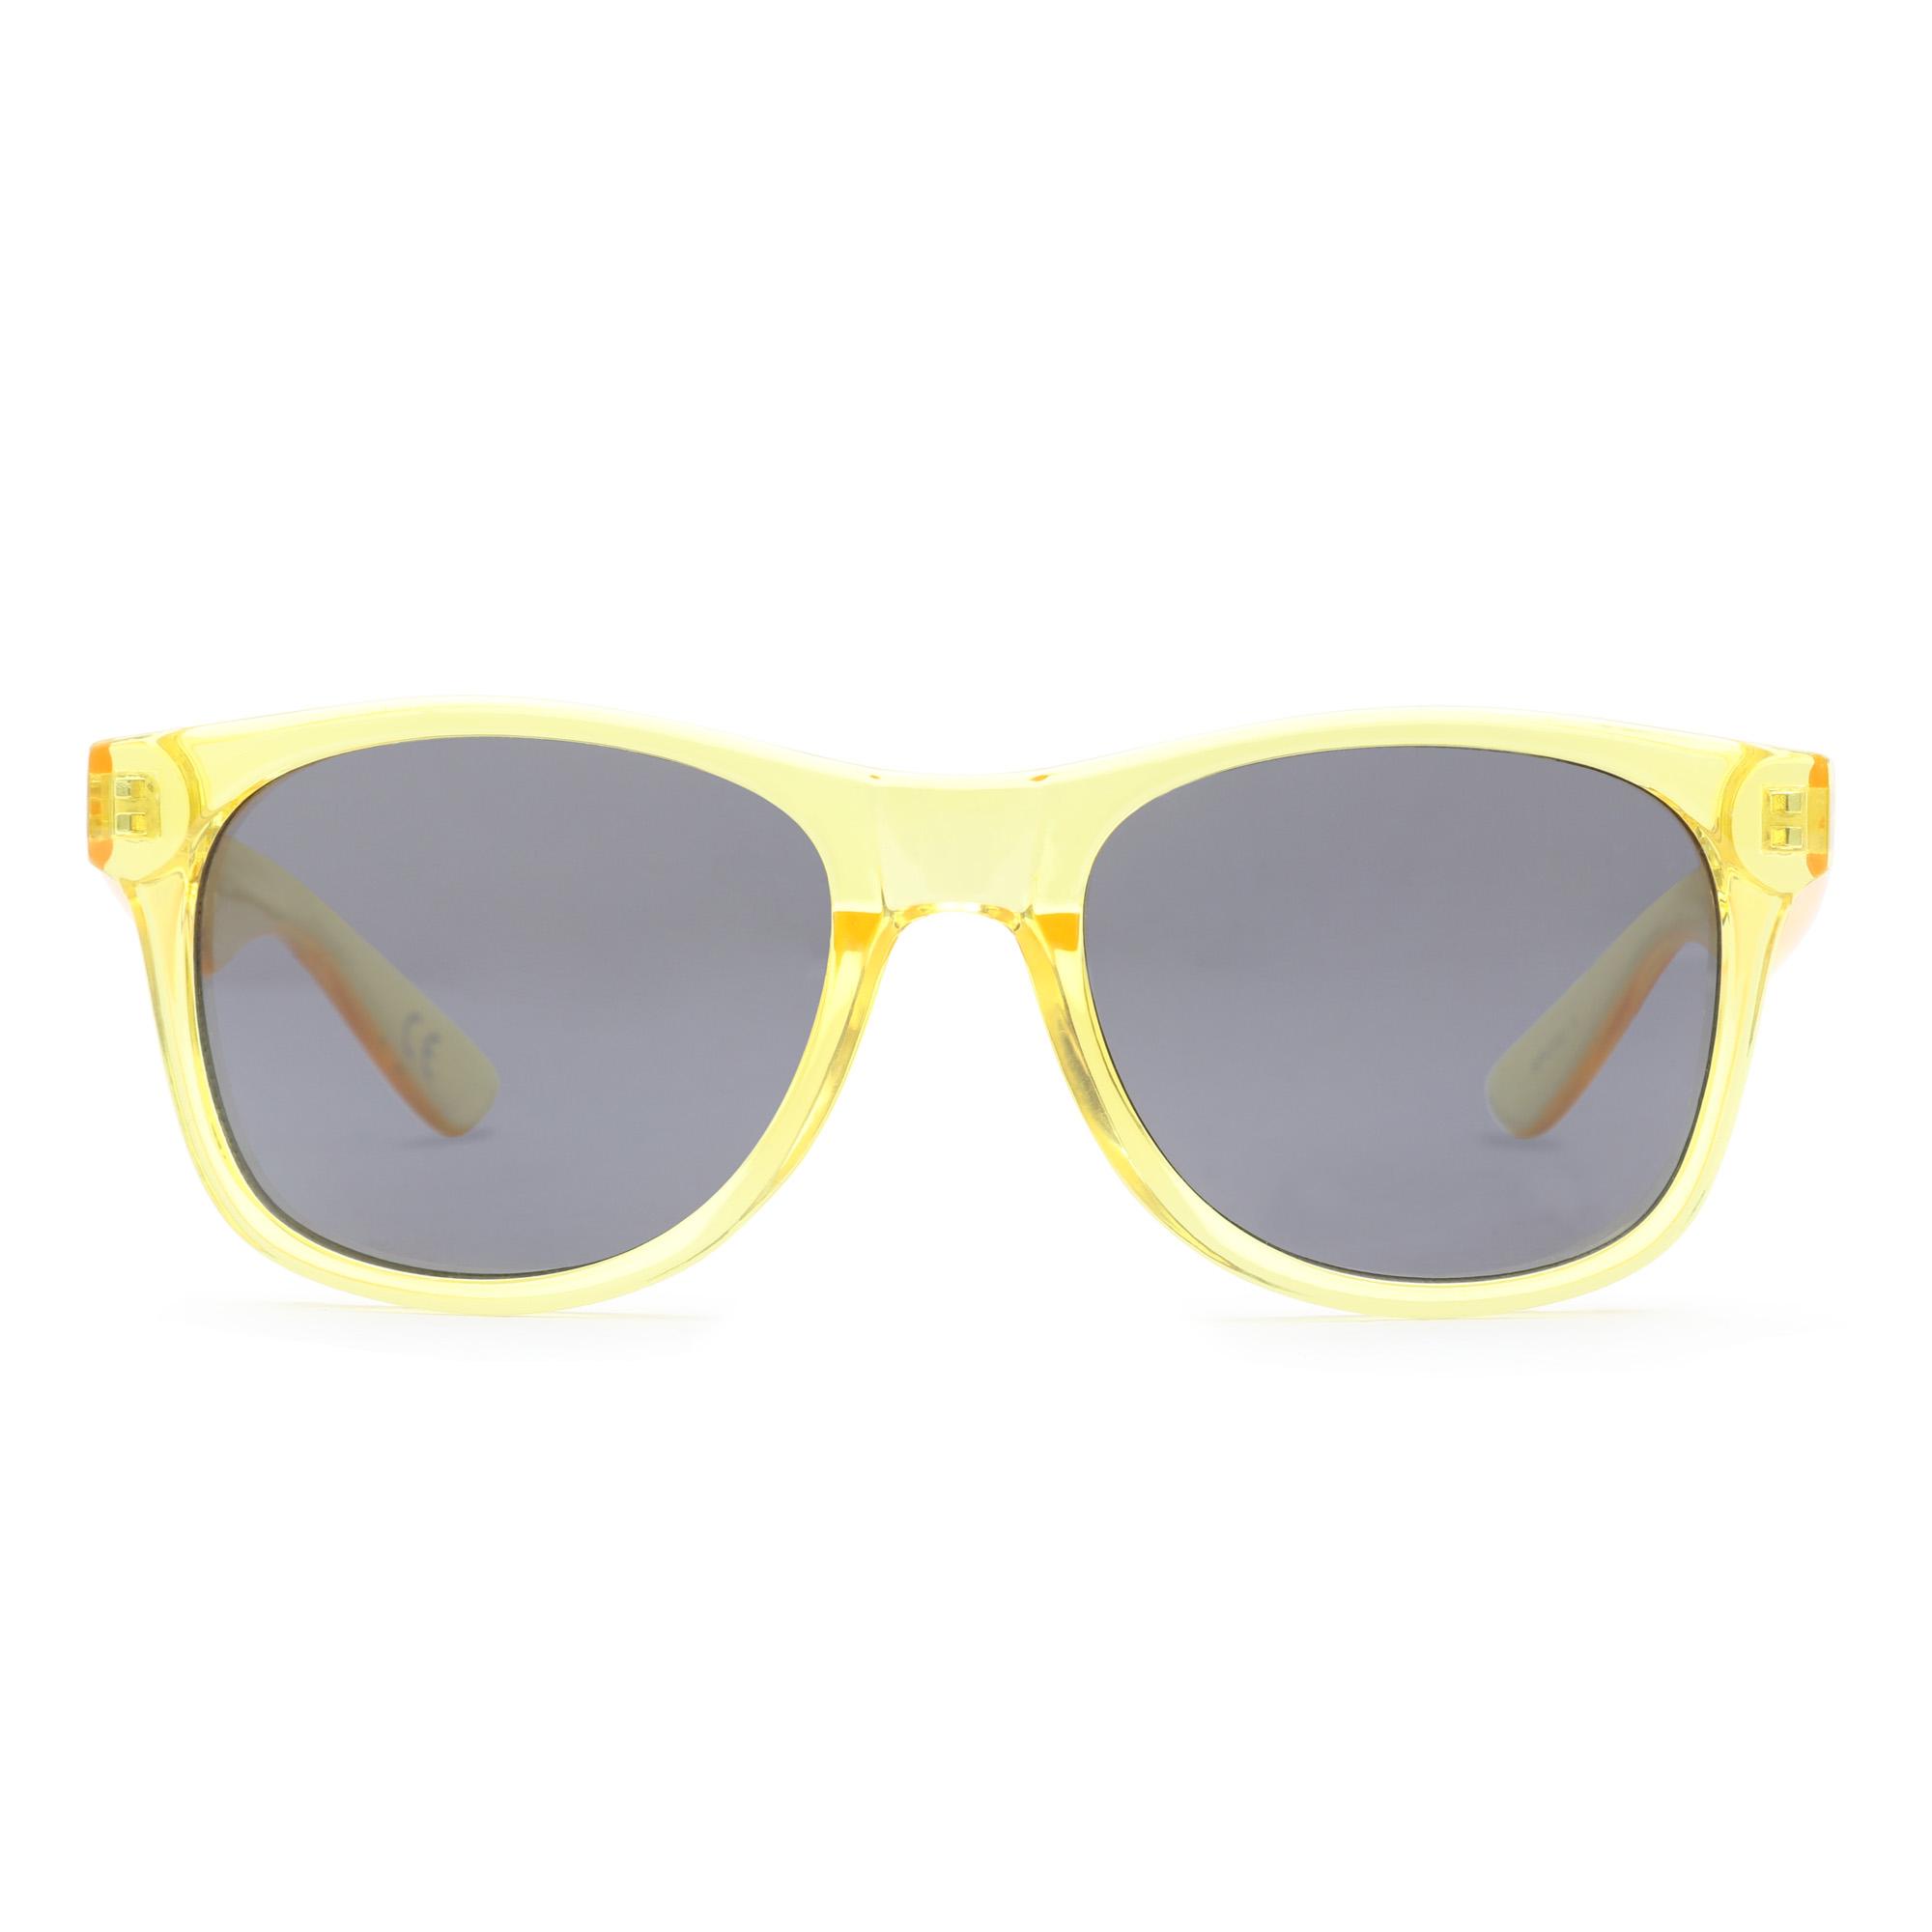 Солнцезащитные очки Spicoli 4 Shades VANS желтого цвета